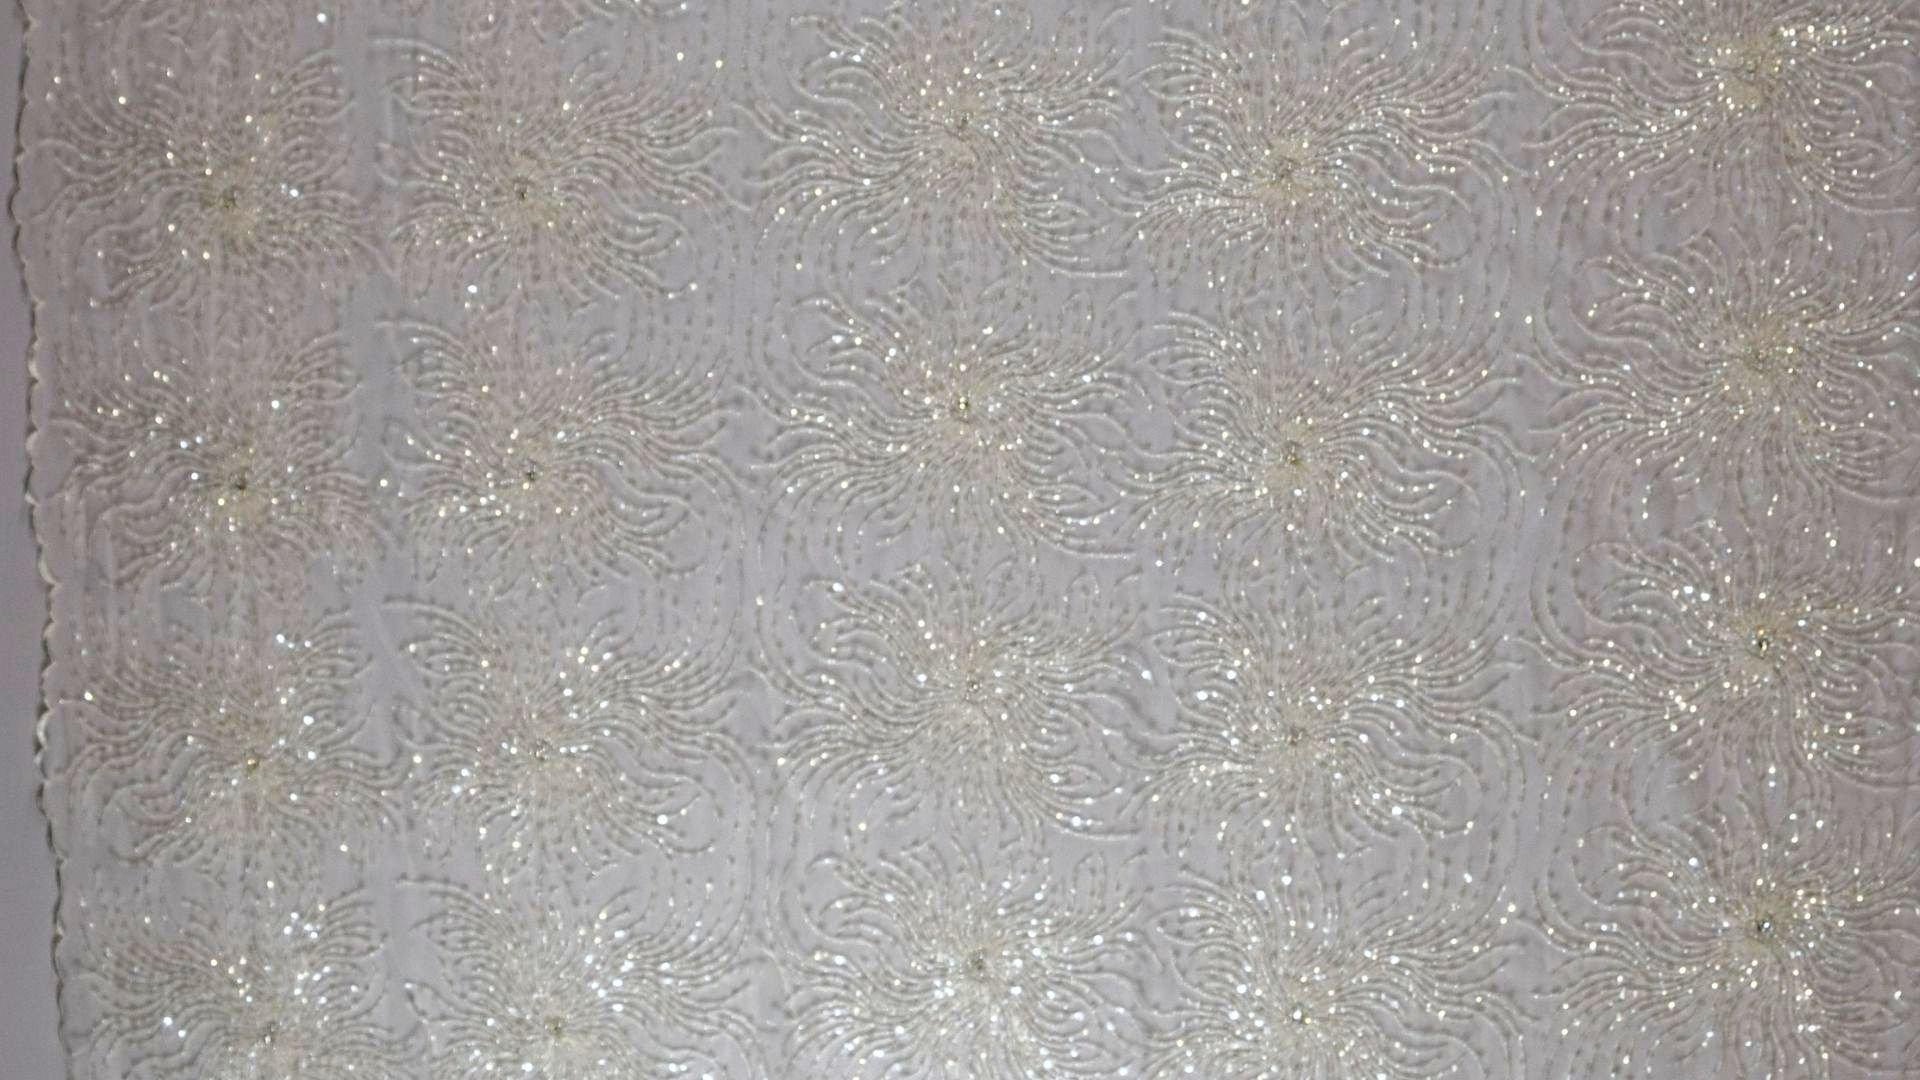 il particolare del tessuto lv5928, appartenente alla categoria ricami sposa con accessori, di Leadford & Logan